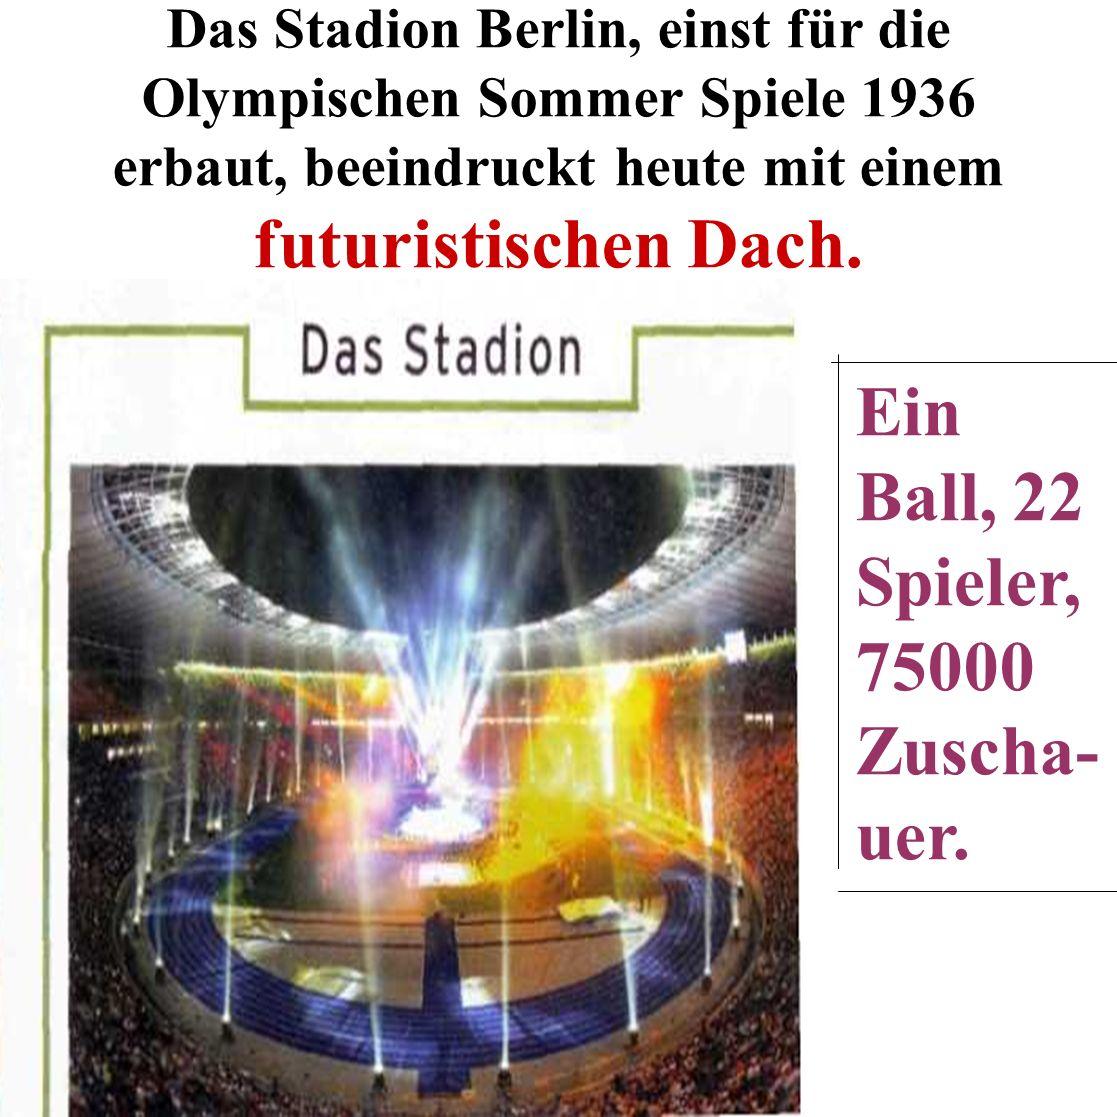 Das Stadion Berlin, einst für die Olympischen Sommer Spiele 1936 erbaut, beeindruckt heute mit einem futuristischen Dach. Ein Ball, 22 Spieler, 75000